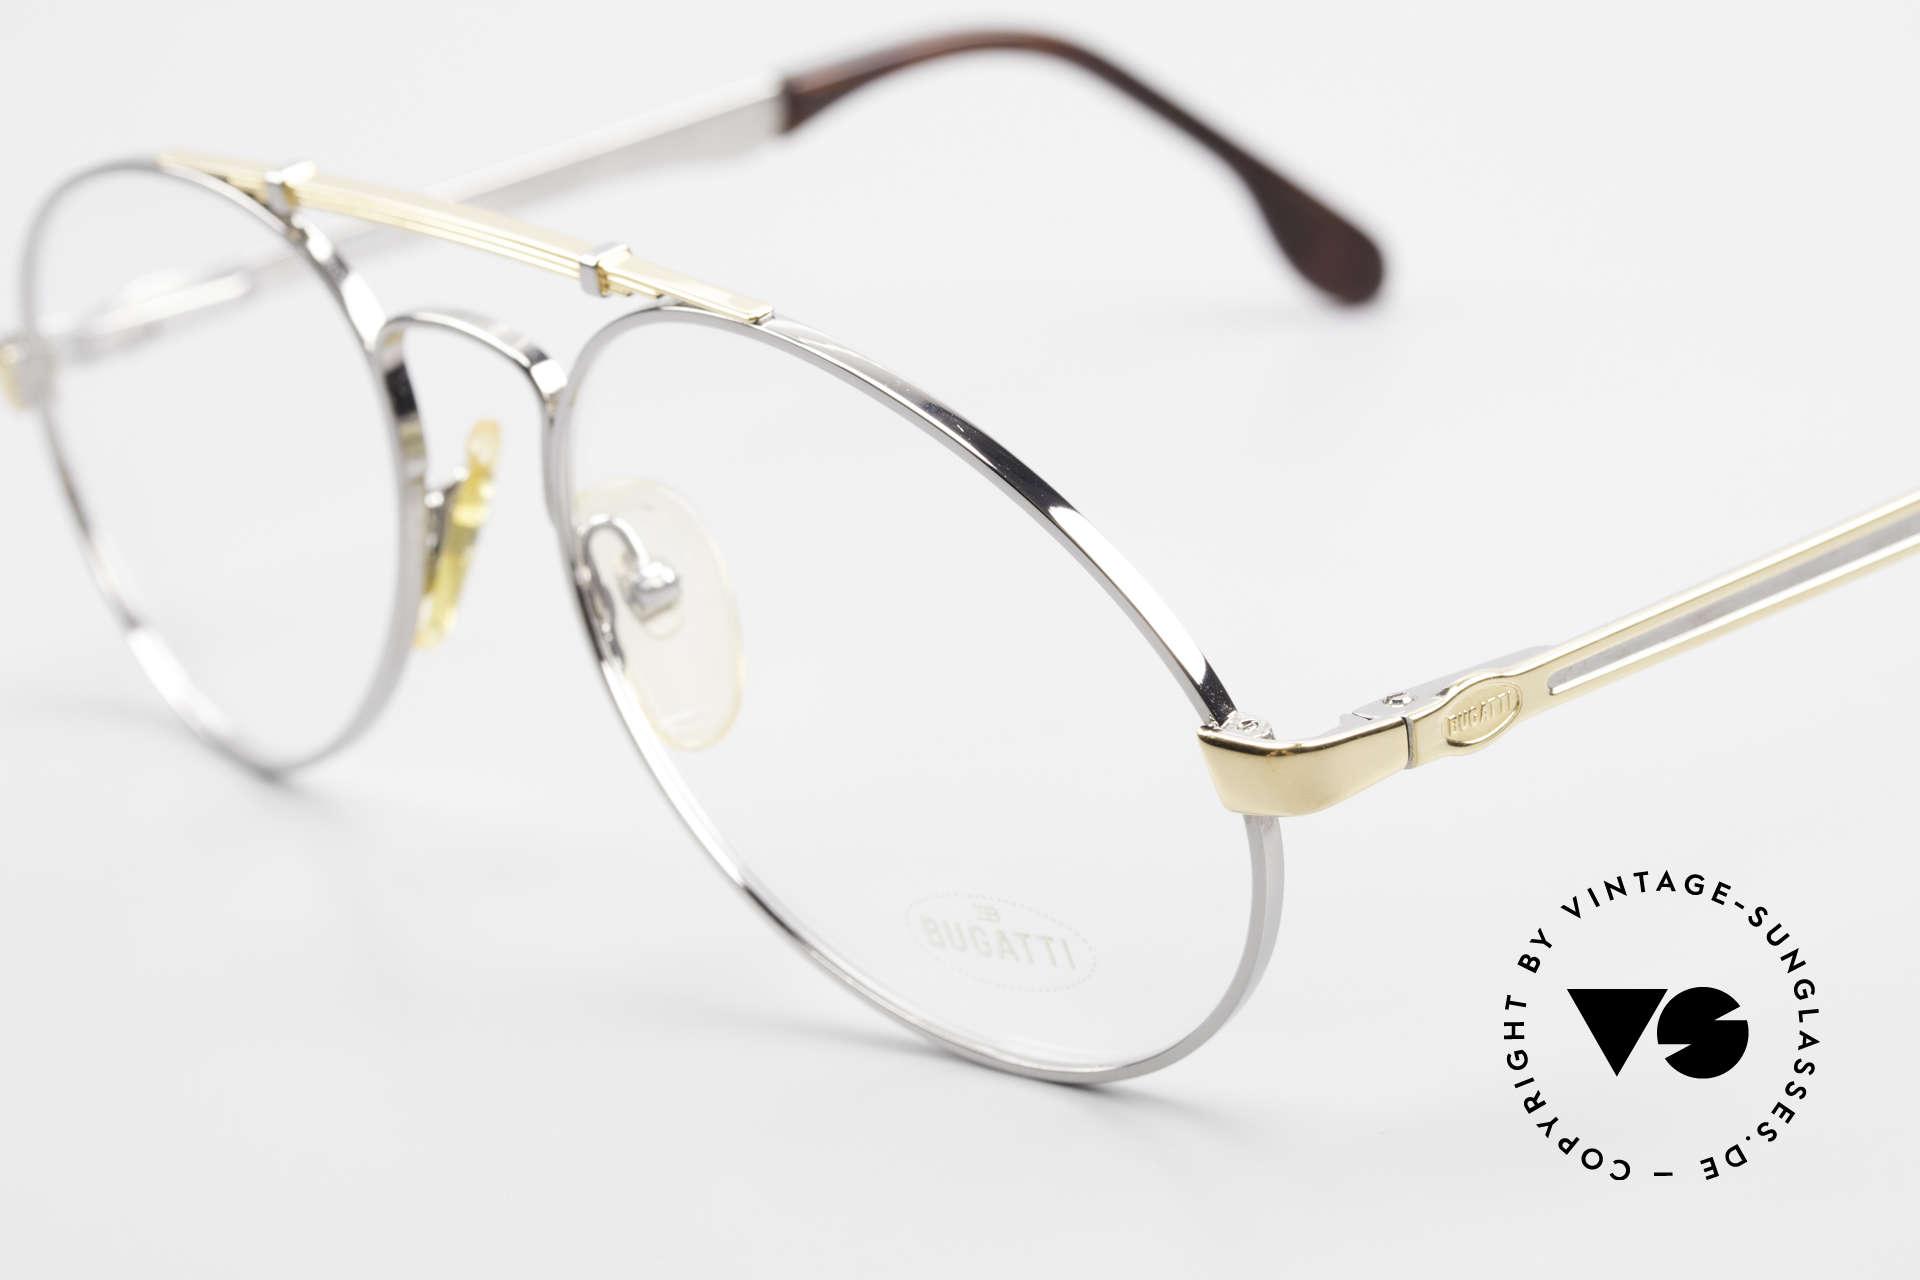 Bugatti 11946 Large 80er Herren Luxus Brille, Rahmen silber/gold; Brücke wie eine Blattfeder, Passend für Herren